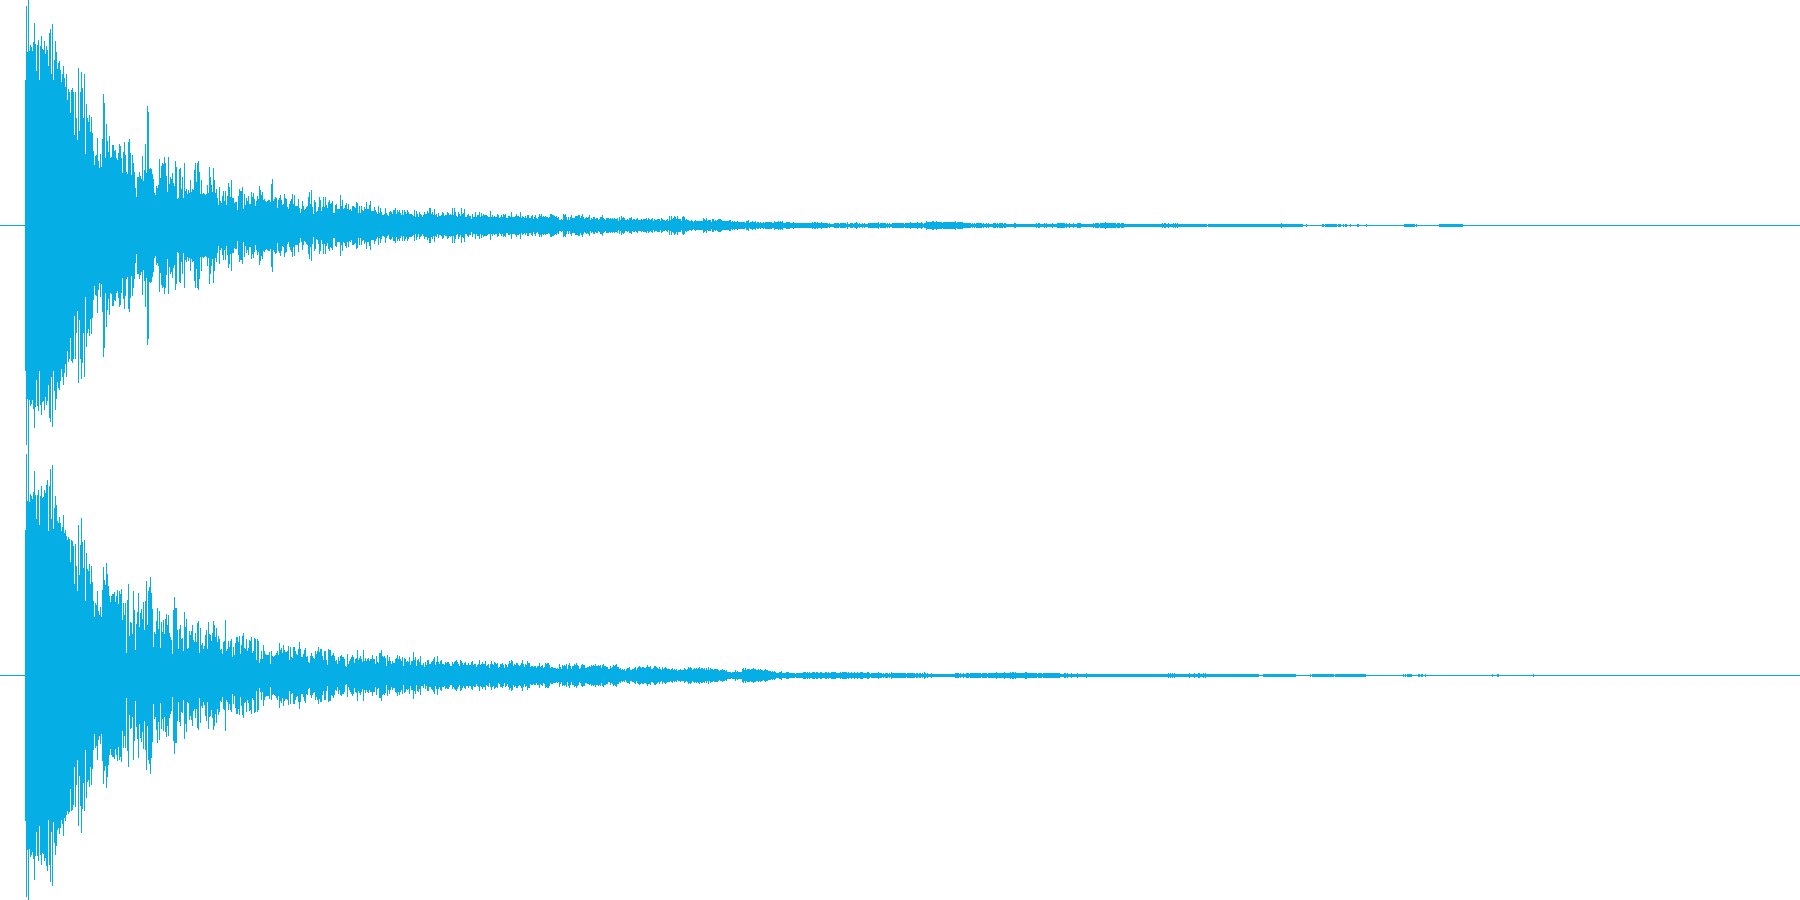 ビーム カードバトル スマホゲームの再生済みの波形